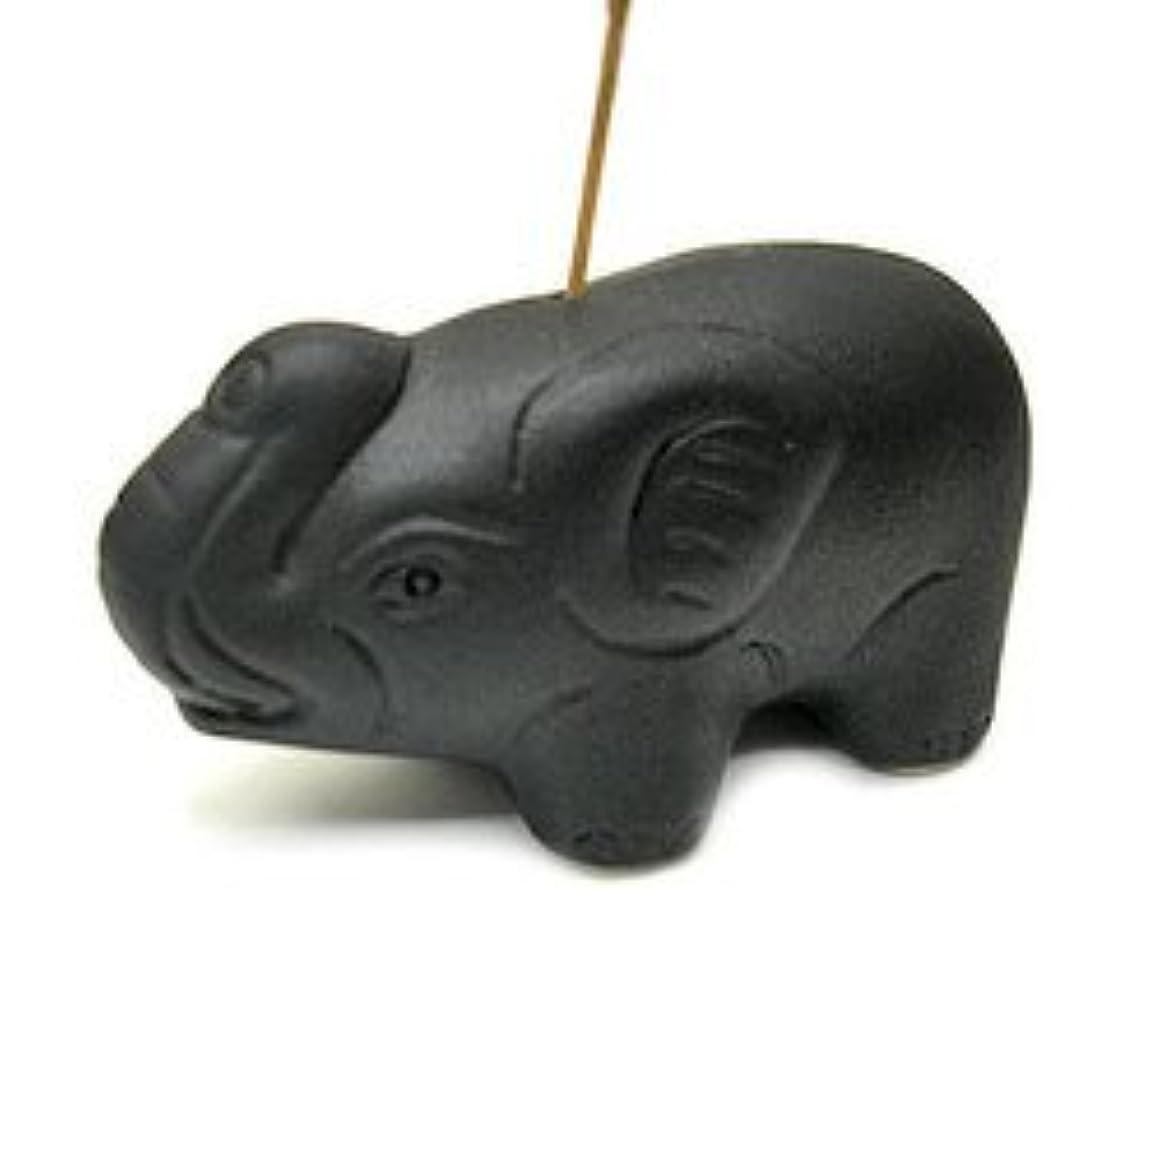 ズームアロングメナジェリー象さんのお香立て <黒> インセンスホルダー/スティックタイプ用お香立て?お香たて アジアン雑貨